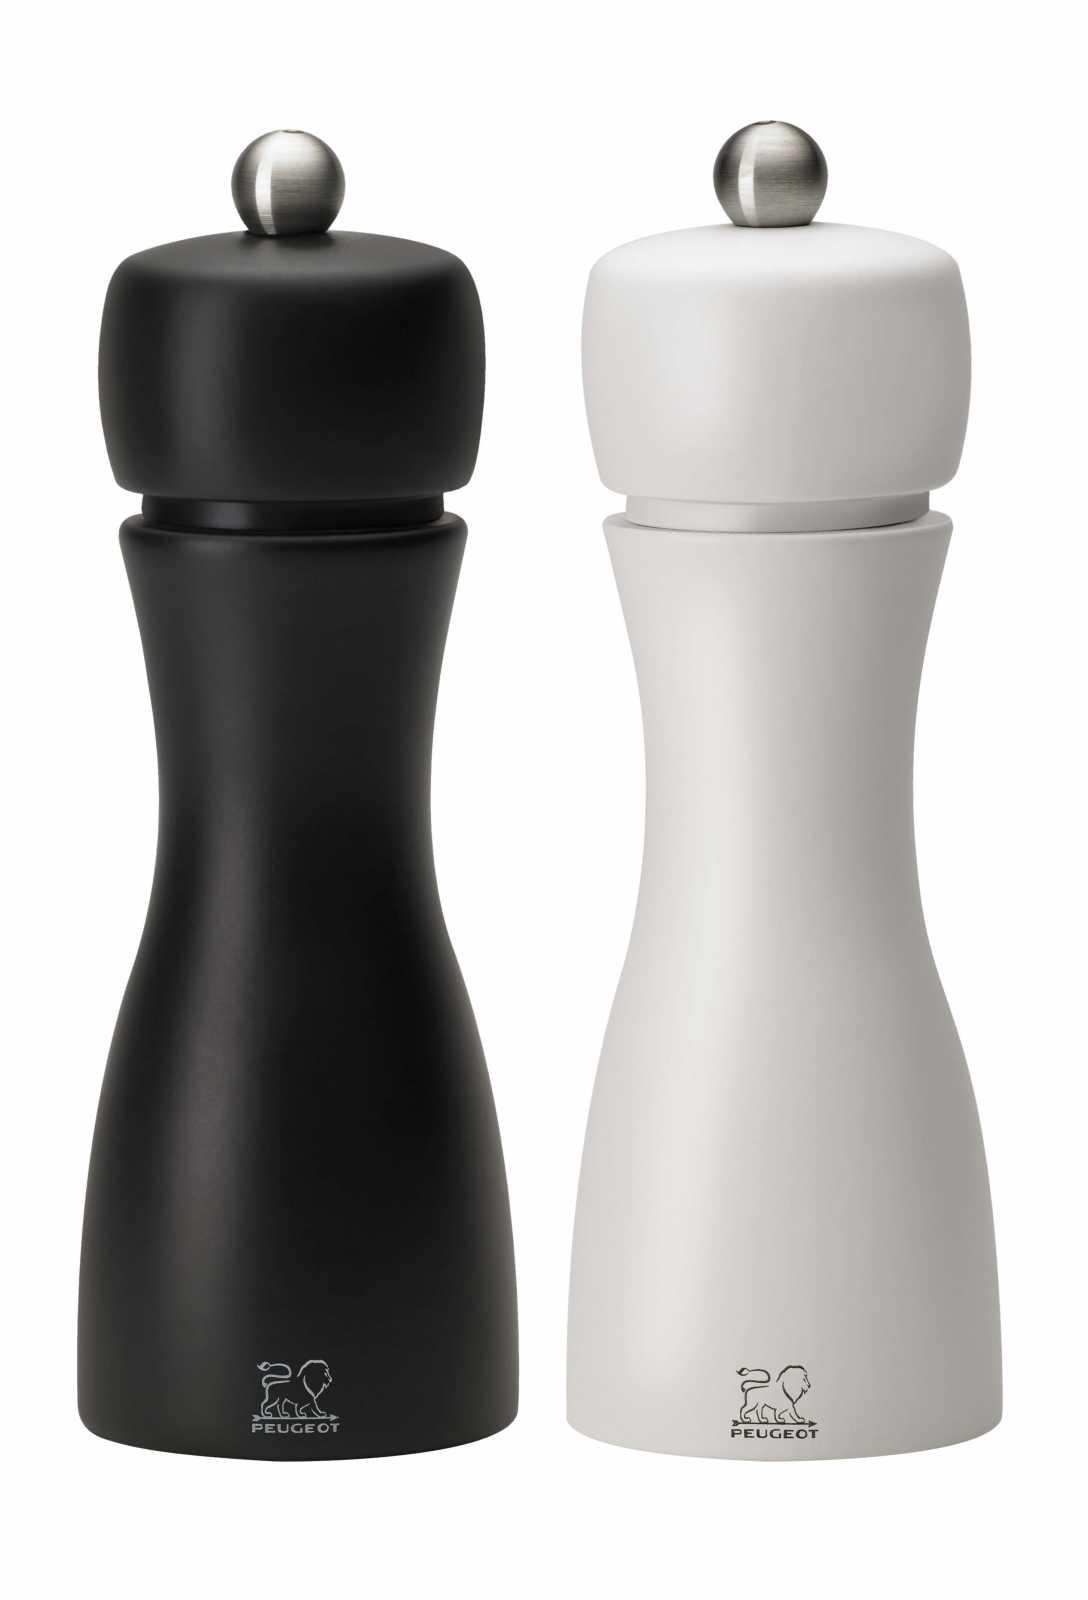 Онлайн каталог PROMENU: Набор мельниц для соли и перца Peugeot TAHITI, высота 15 см, черный и белый, 2 предмета                               2/24260